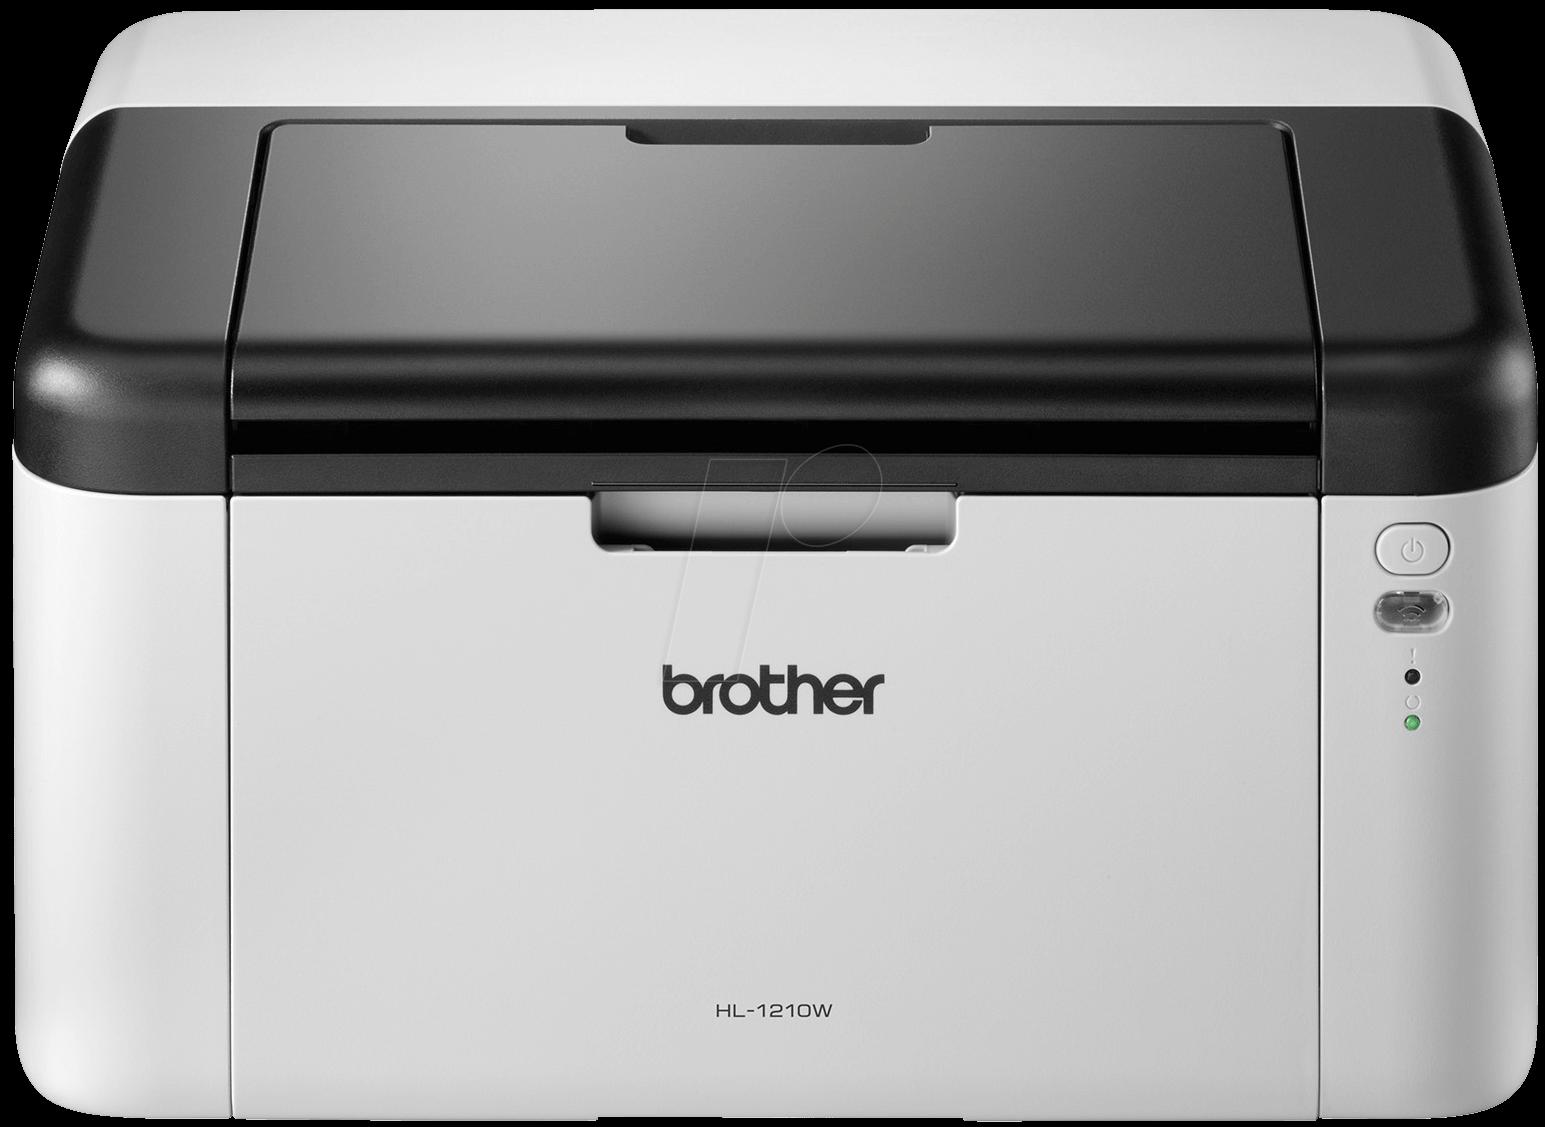 bro hl1210w laser printer usb wlan 20s at reichelt elektronik. Black Bedroom Furniture Sets. Home Design Ideas